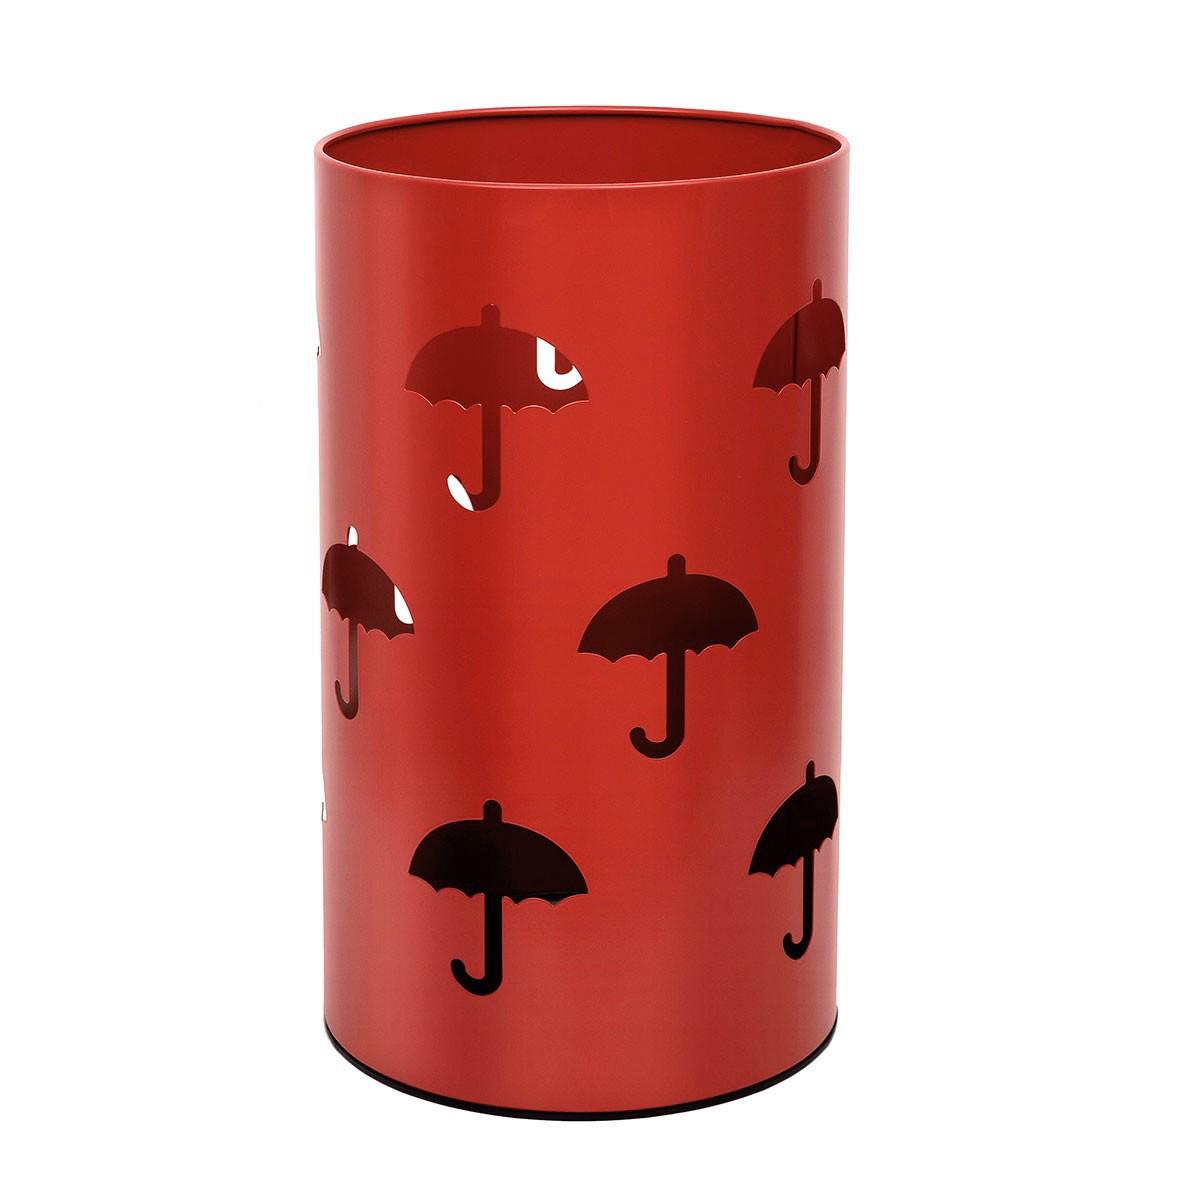 Ομπρελοθήκη 25×44 PamCo 21-503 Red Matte 63662